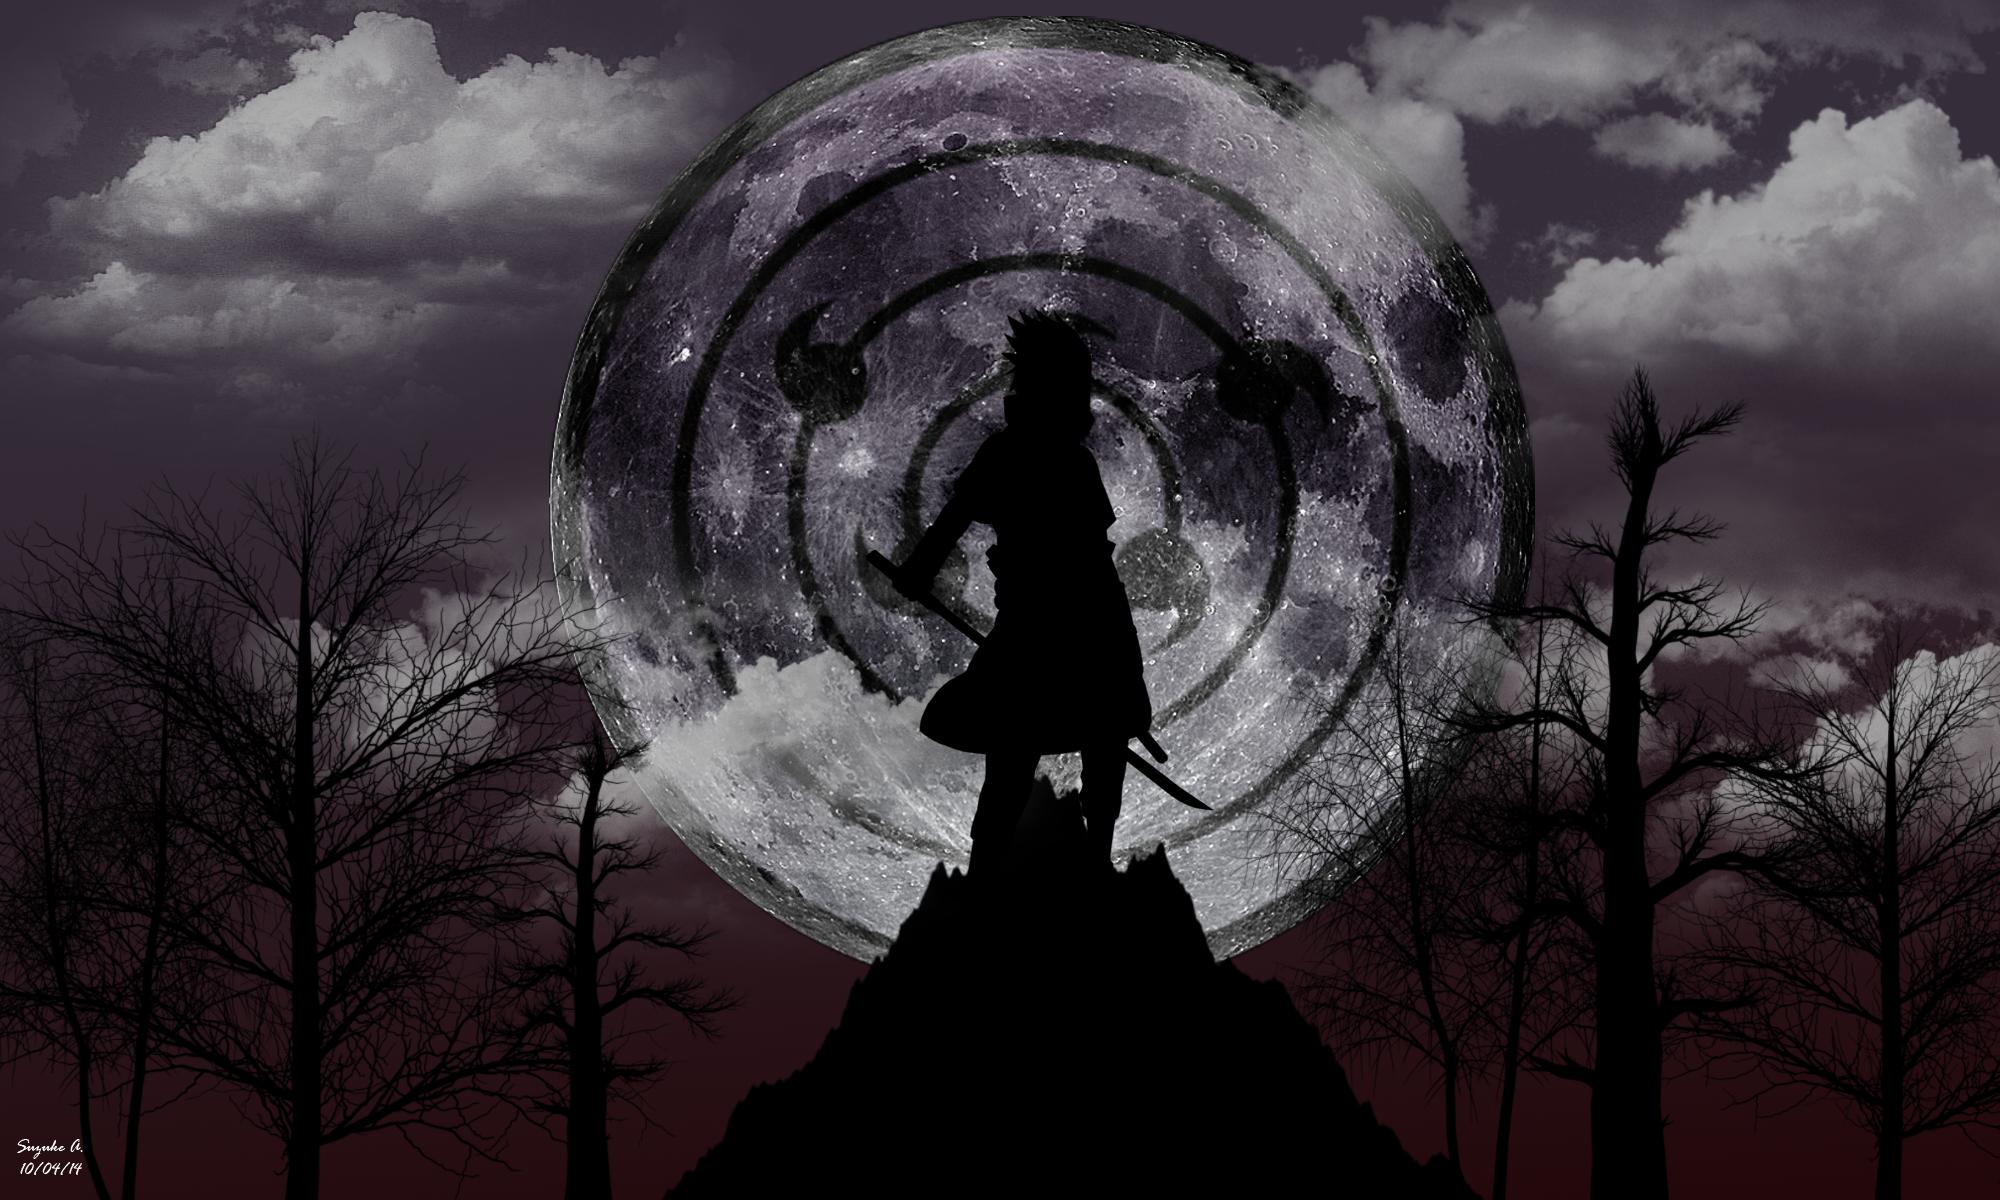 Sasuke uchiha rinnegan moon eye wallpaper by suzukeamaterasu on sasuke uchiha rinnegan moon eye wallpaper by suzukeamaterasu voltagebd Image collections